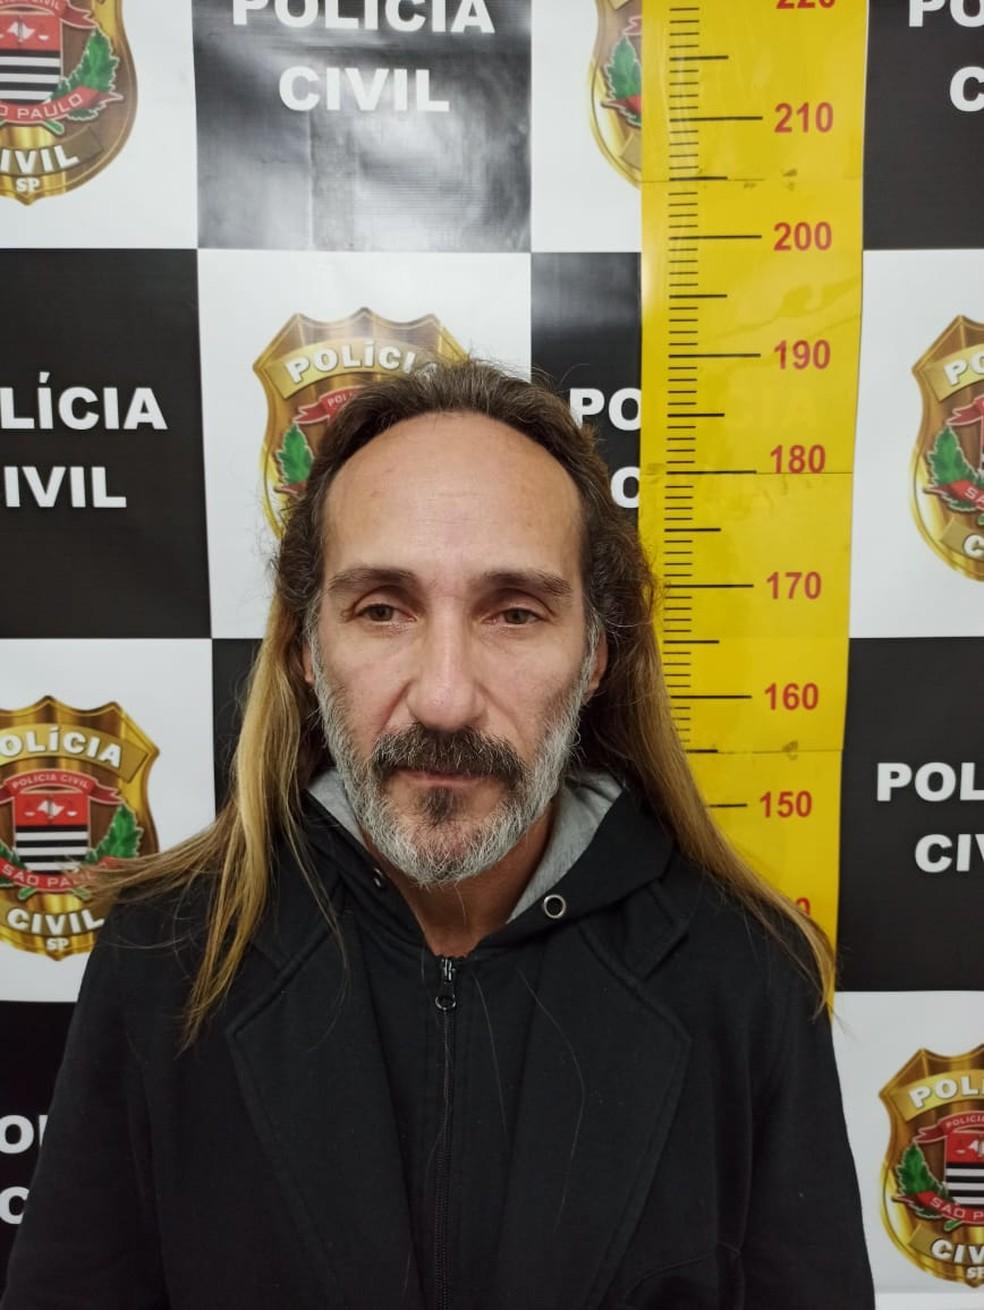 Ex-prefeito Felipe Santolia mantinha identidade falsa e se escondia no Litoral Norte — Foto: Divulgação/Polícia Civil